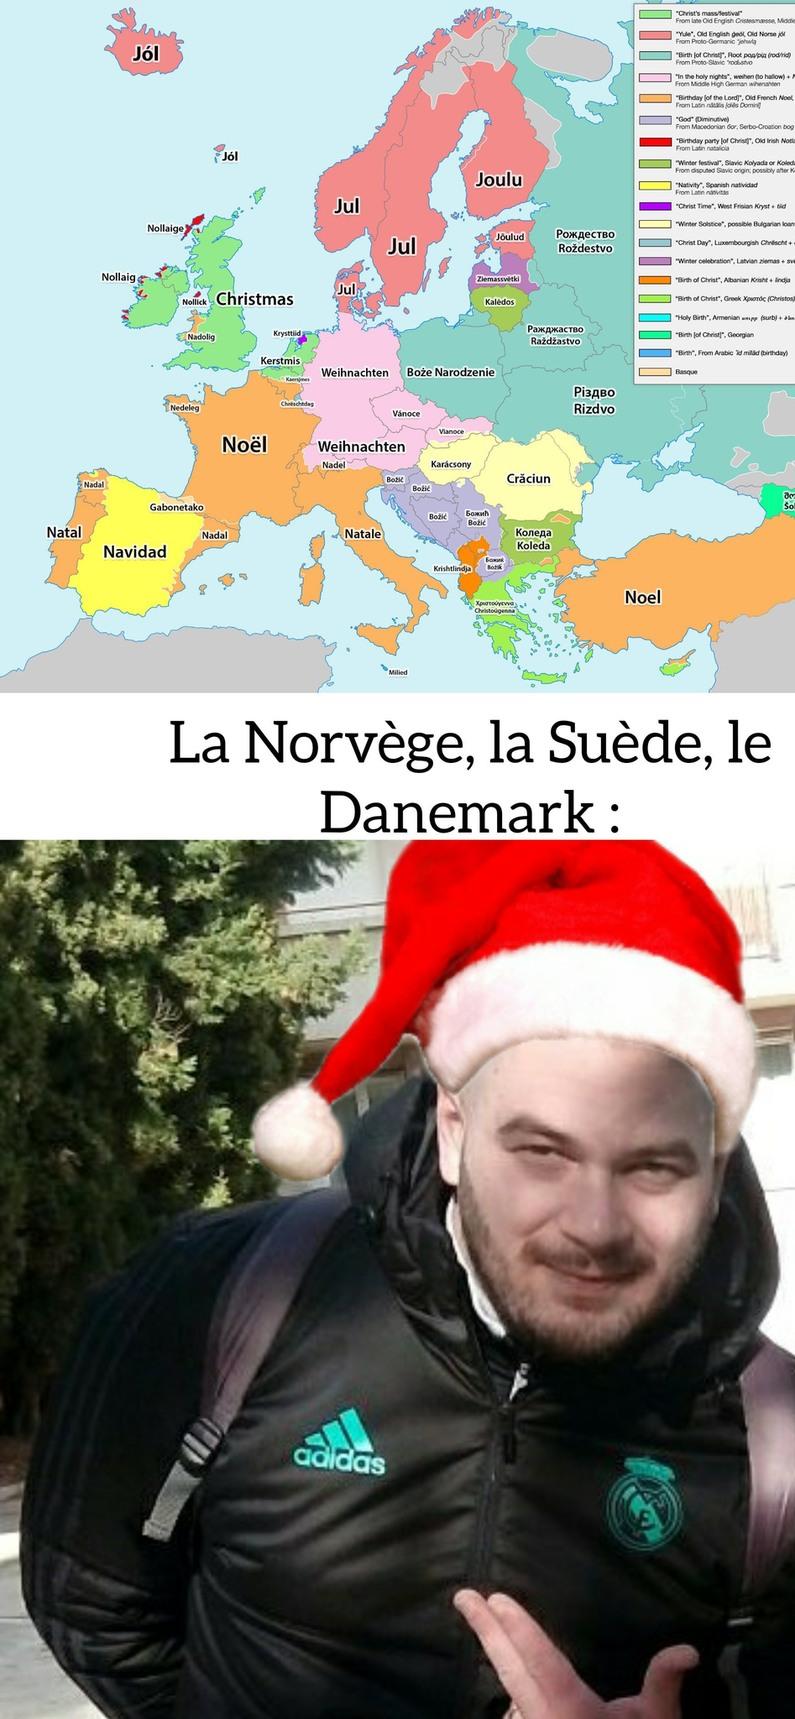 Le titre est en Suède - meme